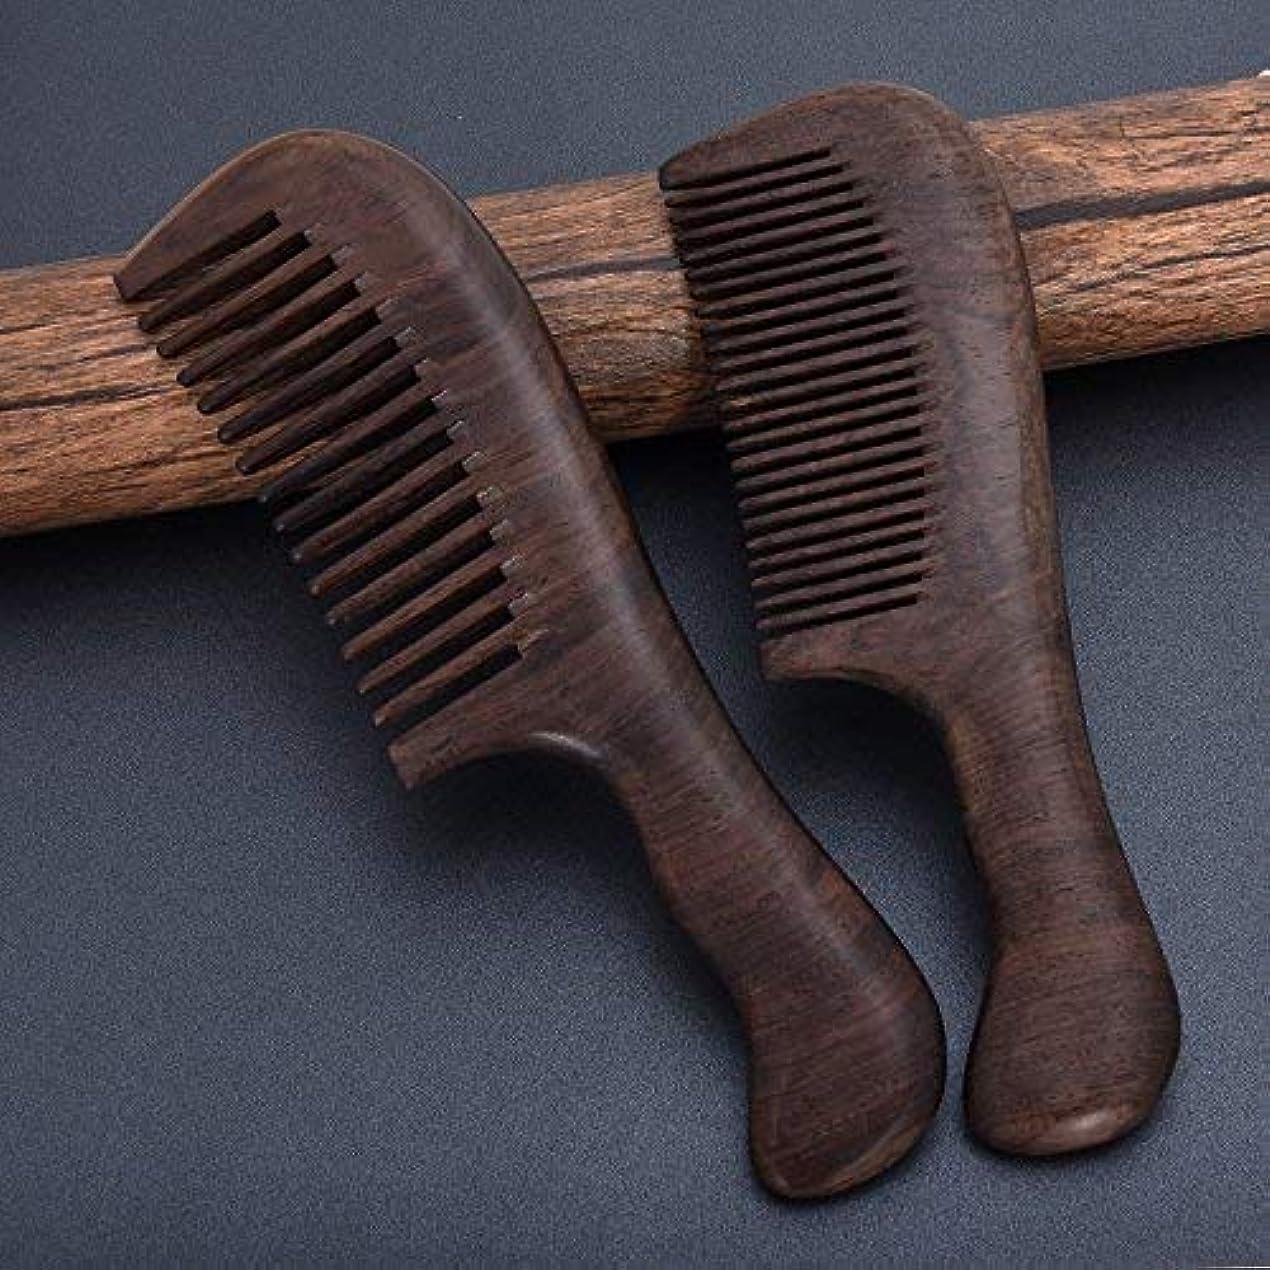 不利益一目病なBlack Sandalwood Hair Comb, Pack of 2 Anti-static 8 inches Wooden Comb Set with Natural Aroma, A Standard Comb...